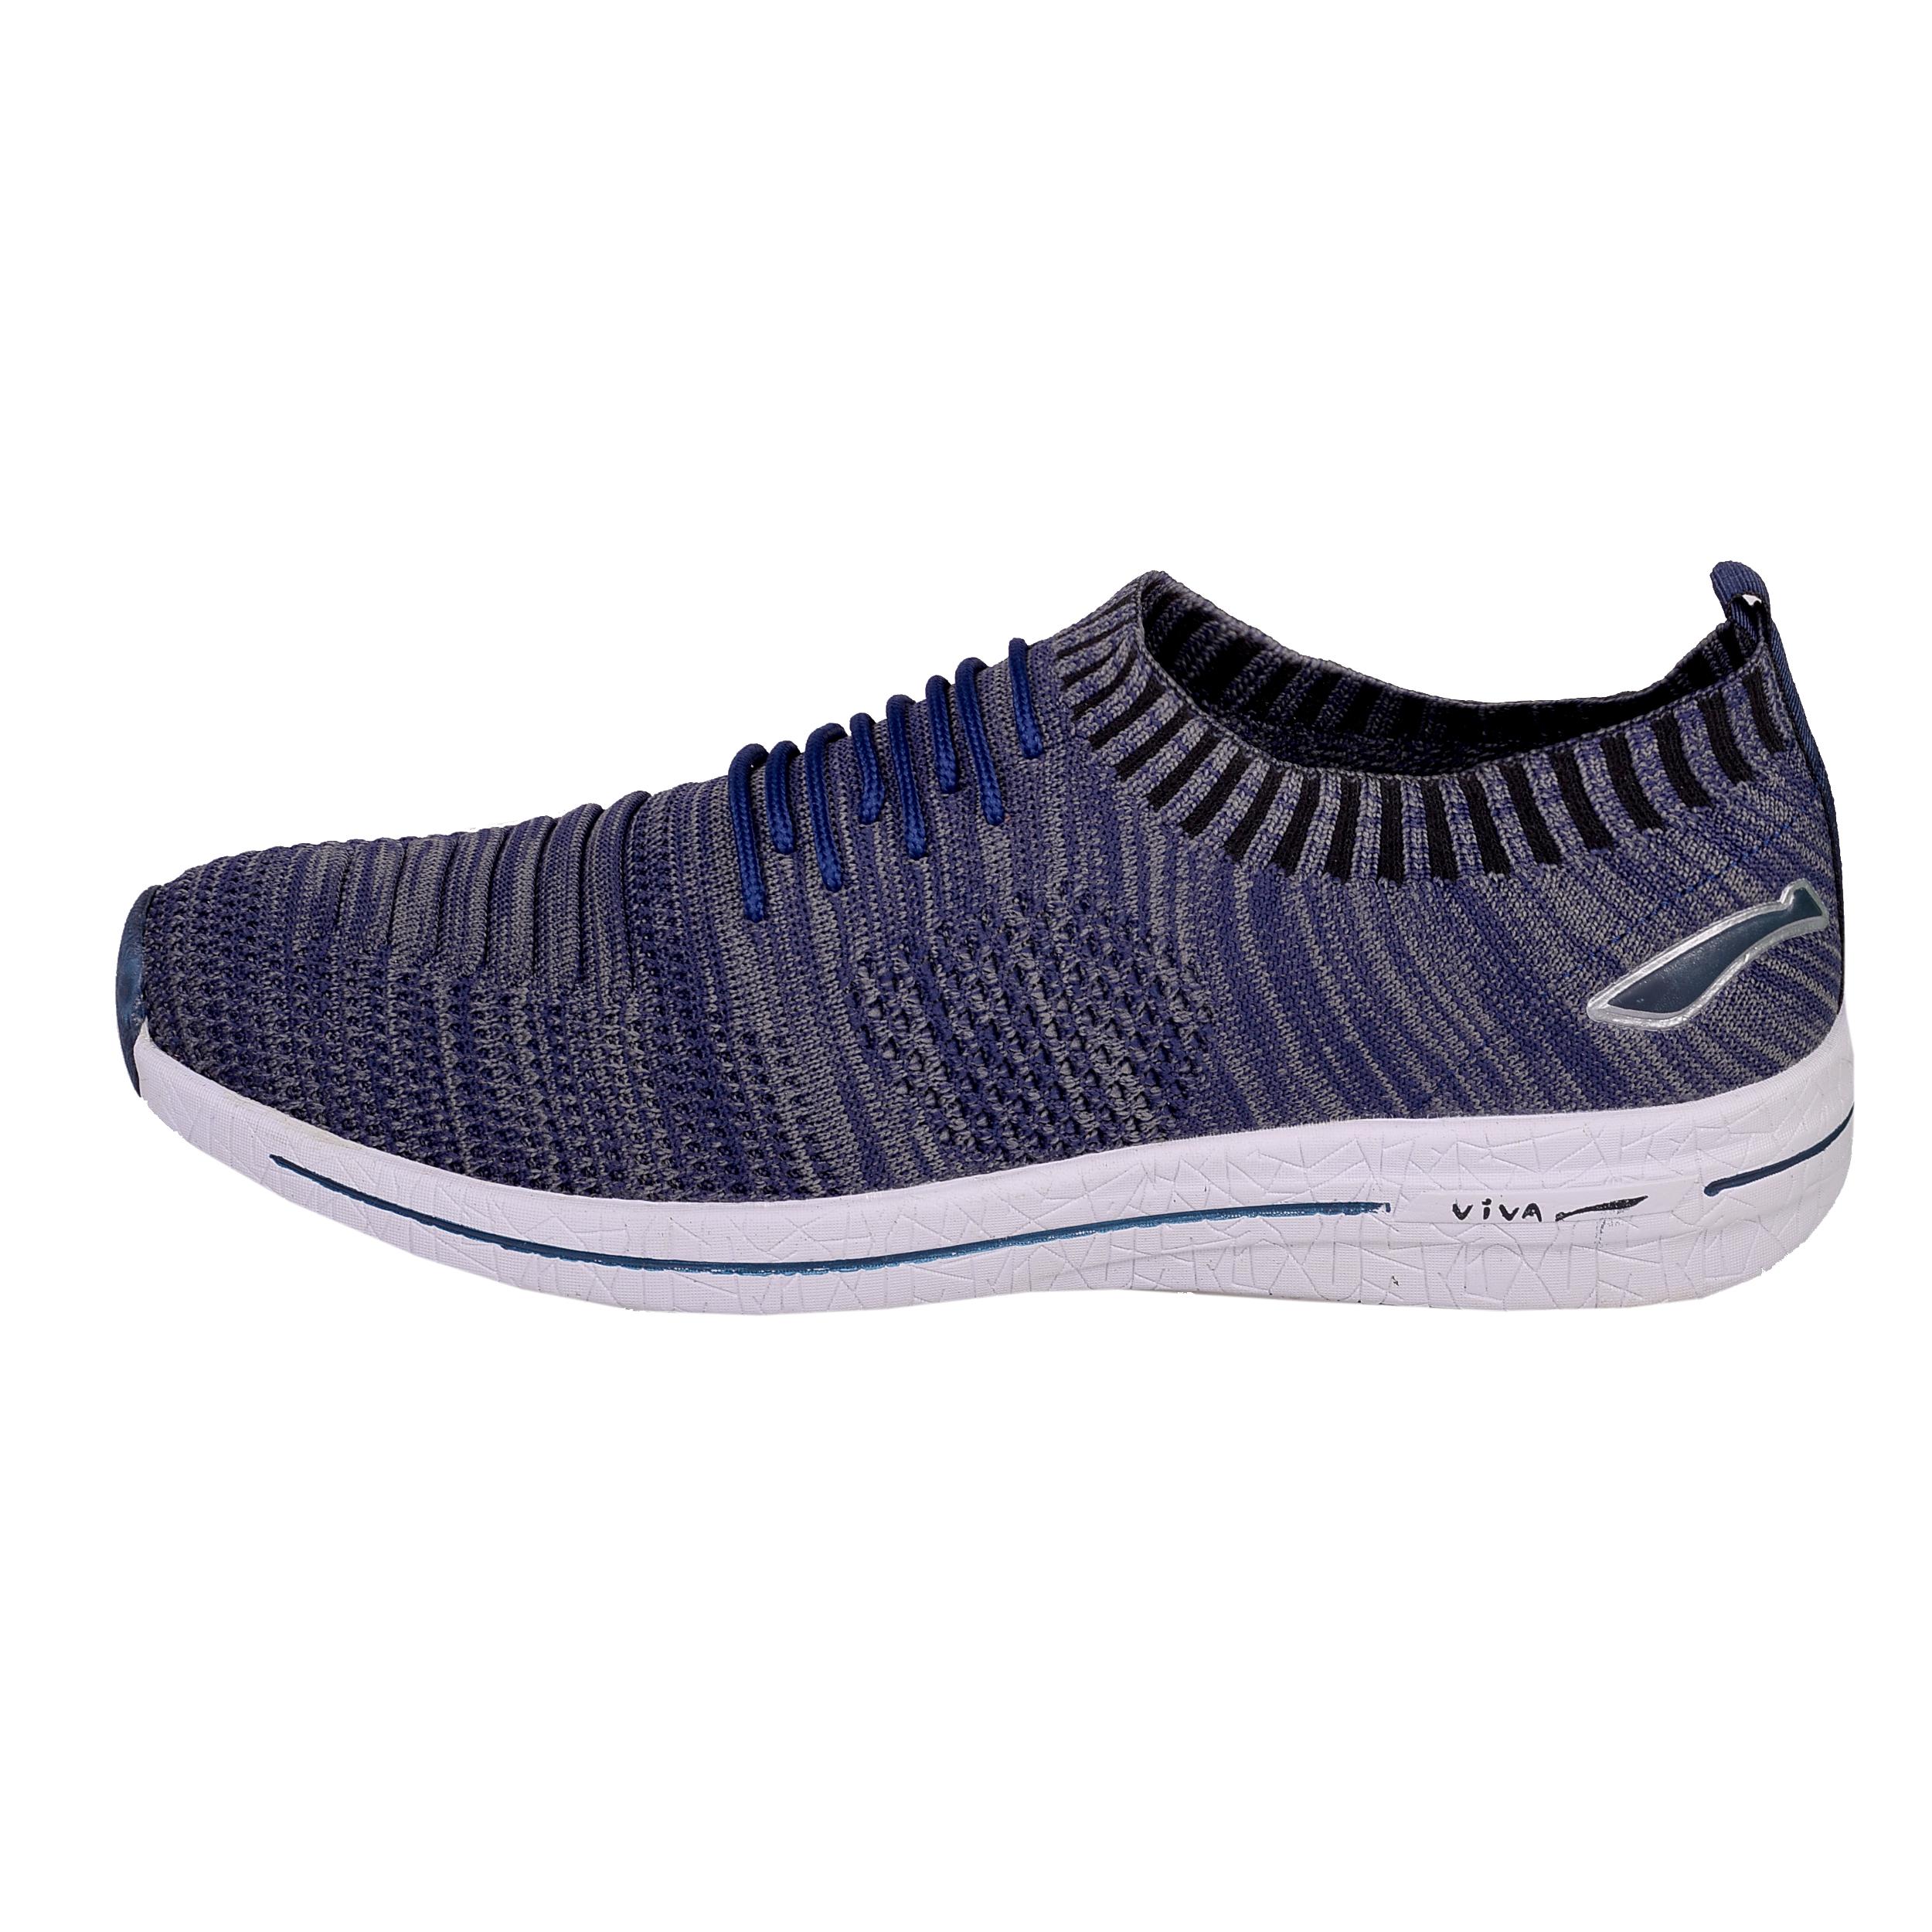 کفش مخصوص پیاده روی مردانه ویوا مدل 120 رنگ سرمه ای